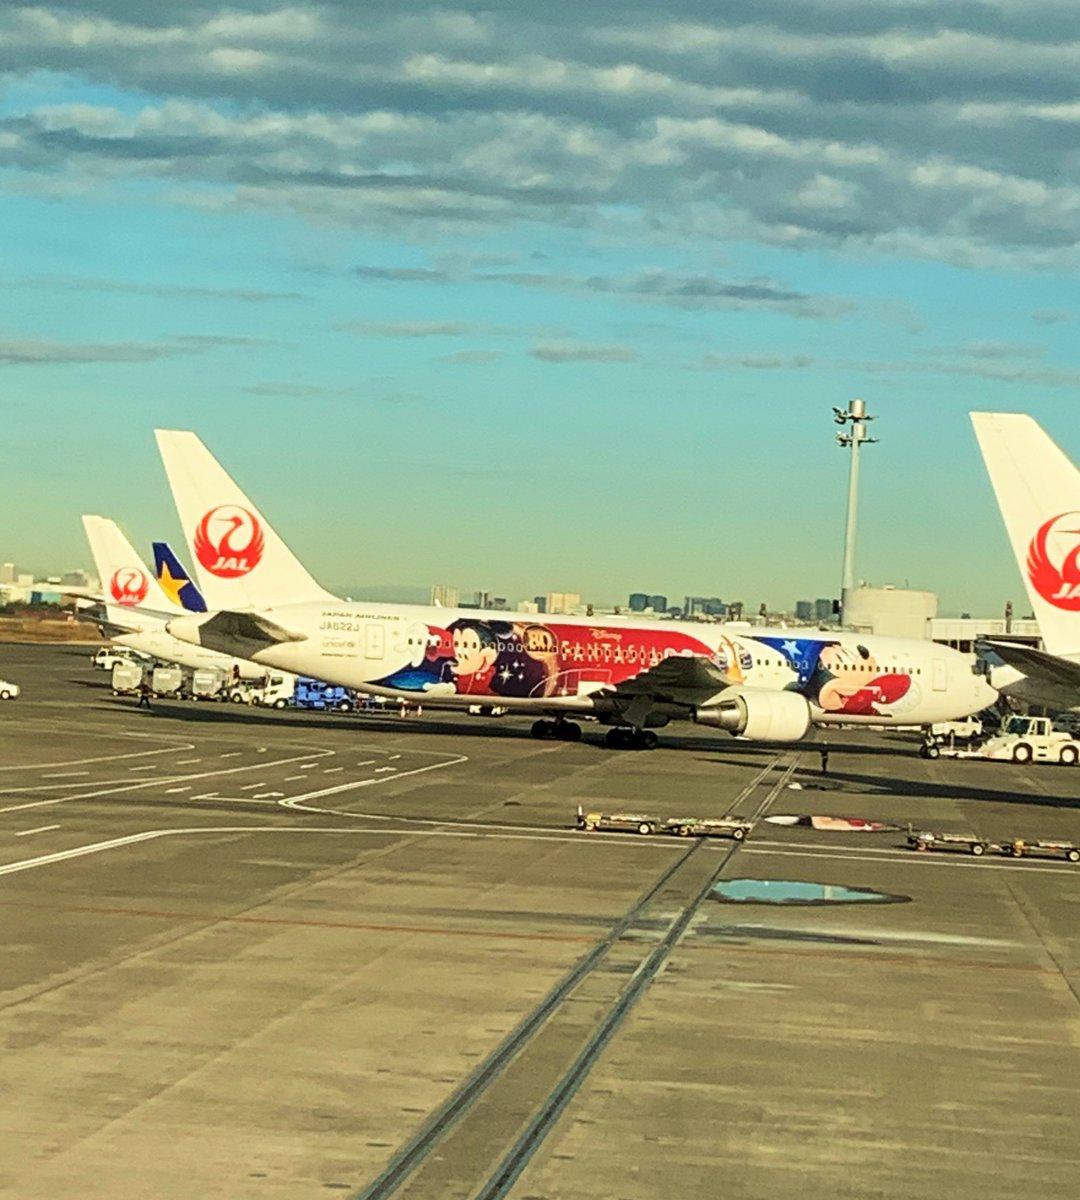 ミッキーのFANTASIAパッケージもみた! JALだからなのか機内で「嵐にしやがれ」観れた。欲を言えばTOKIO兄さんが観たかったけどやむなし。 https://t.co/aUy6dFVFps